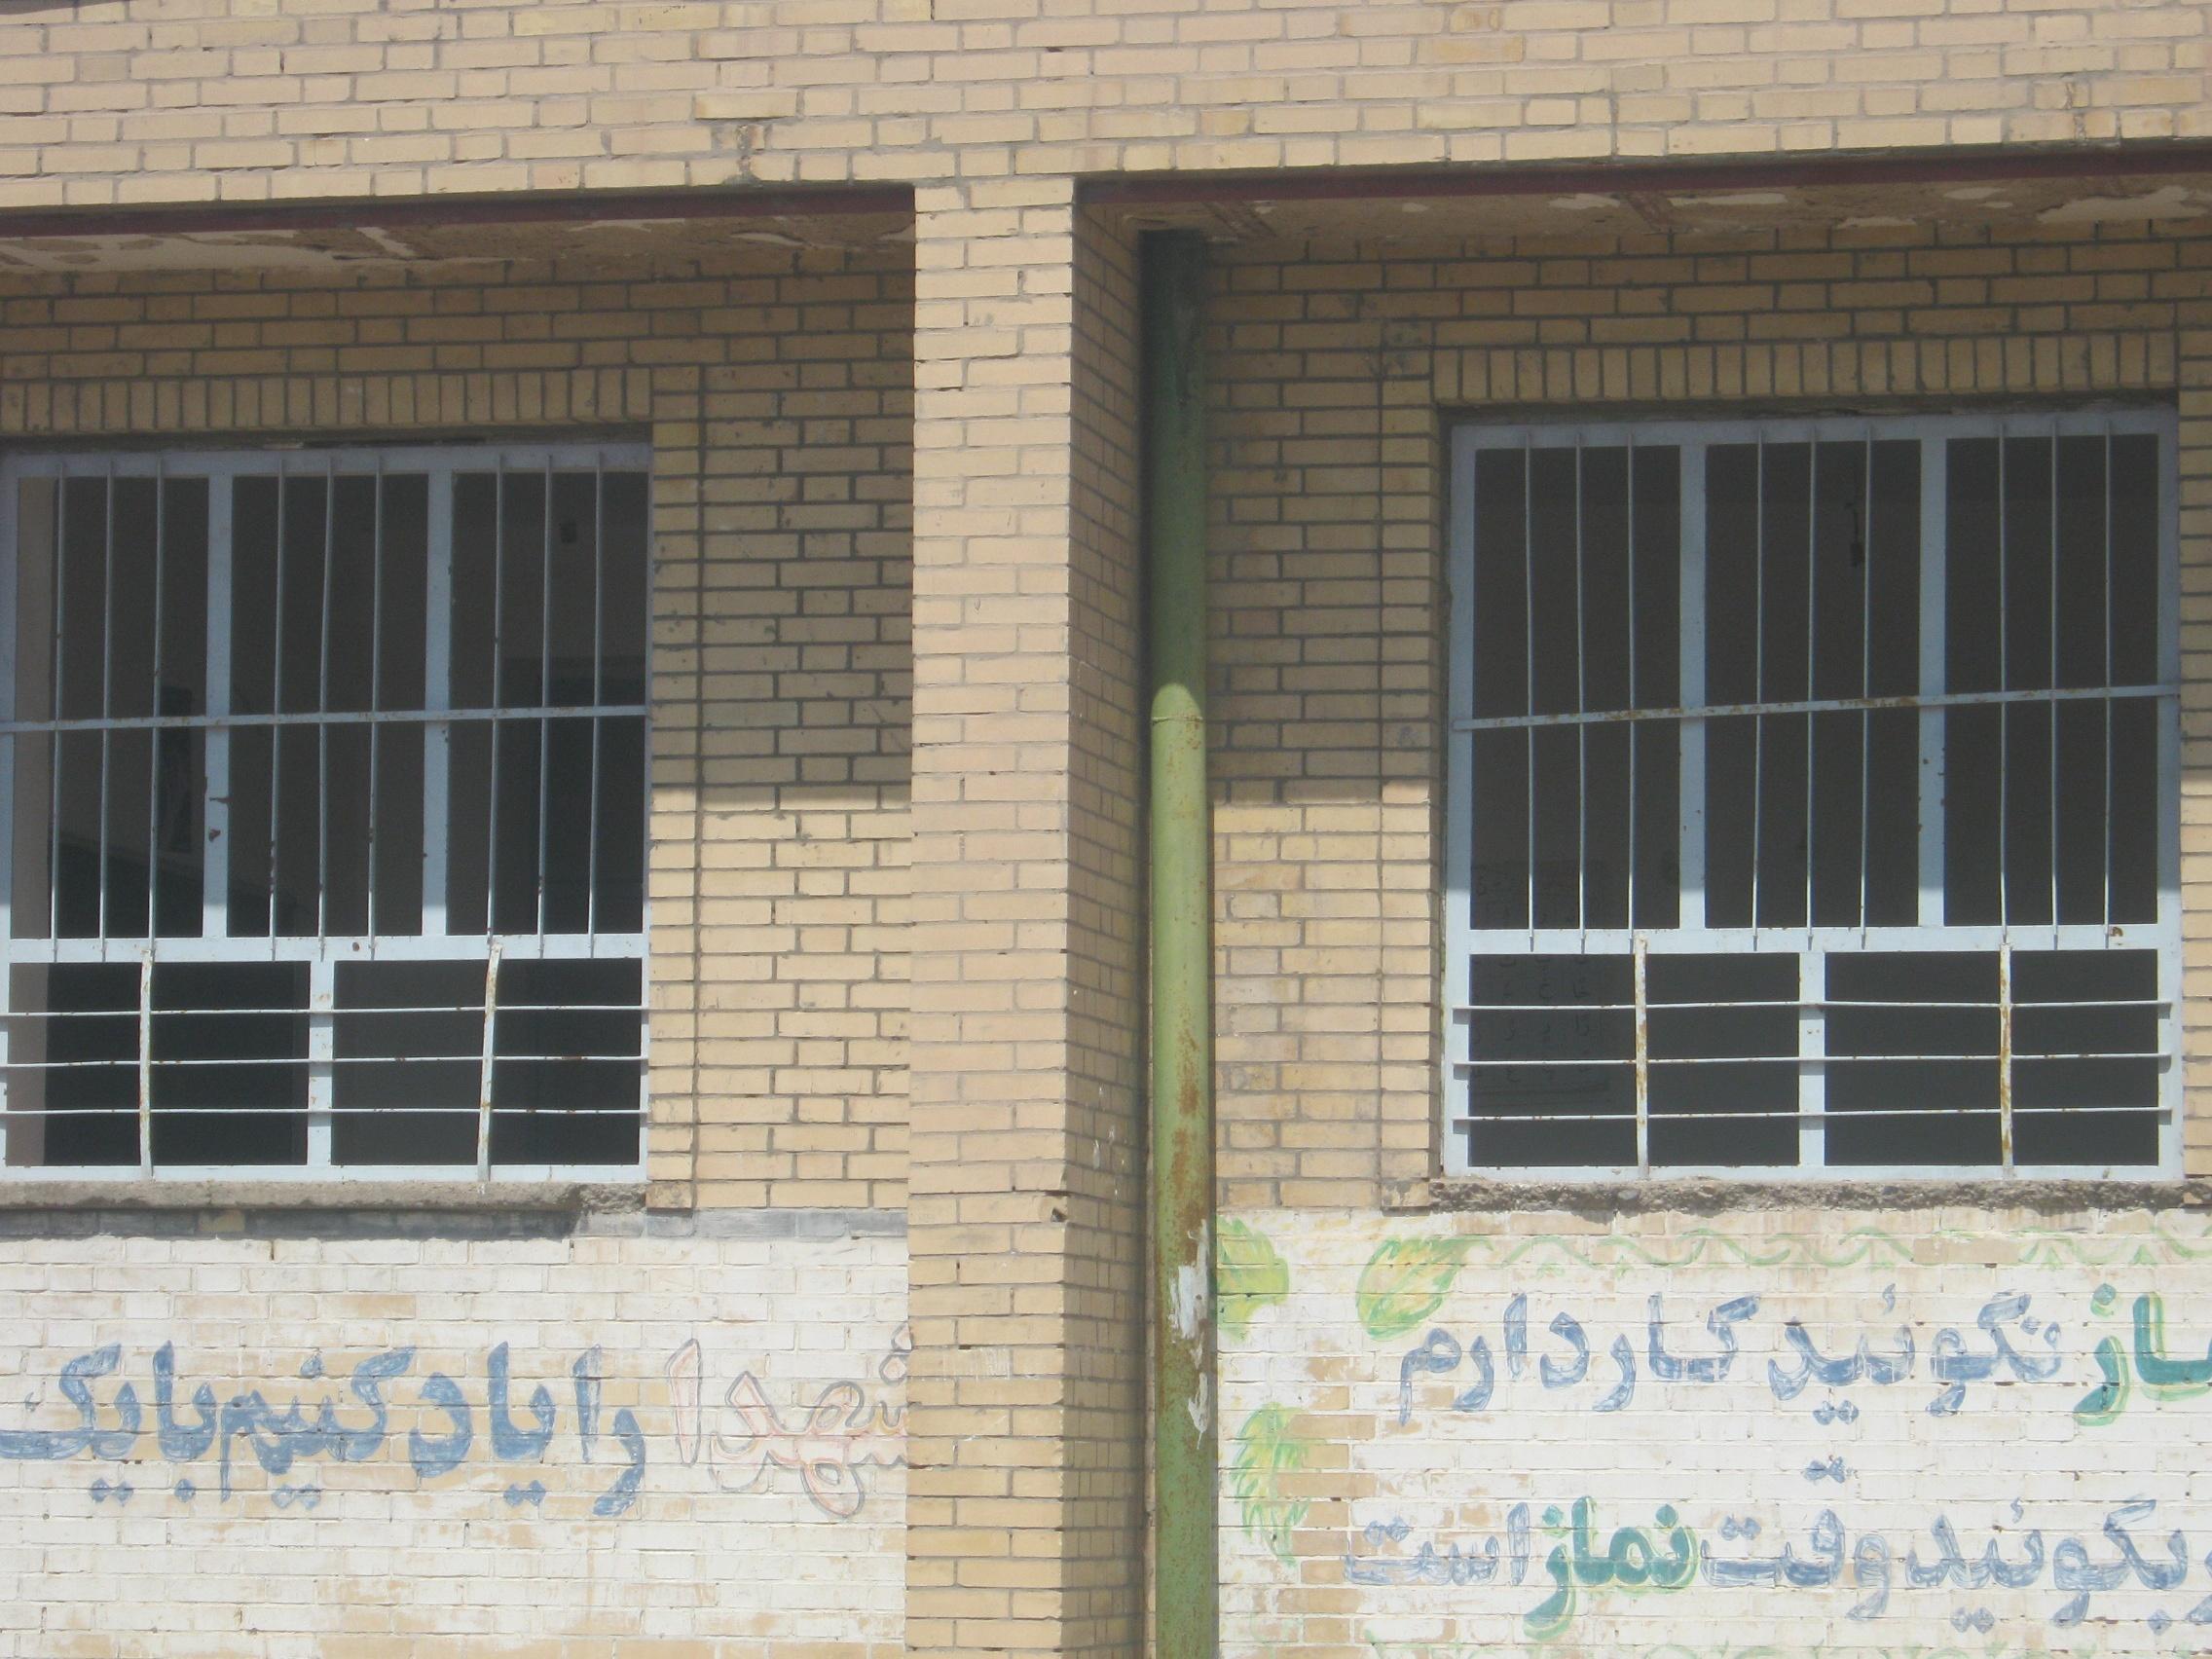 درخواست یک انجمن مدیریت بحران از وزیر آموزش و پرورش/ حفاظهای پنجرهها، شاید قاتل دانشآموزان شوند